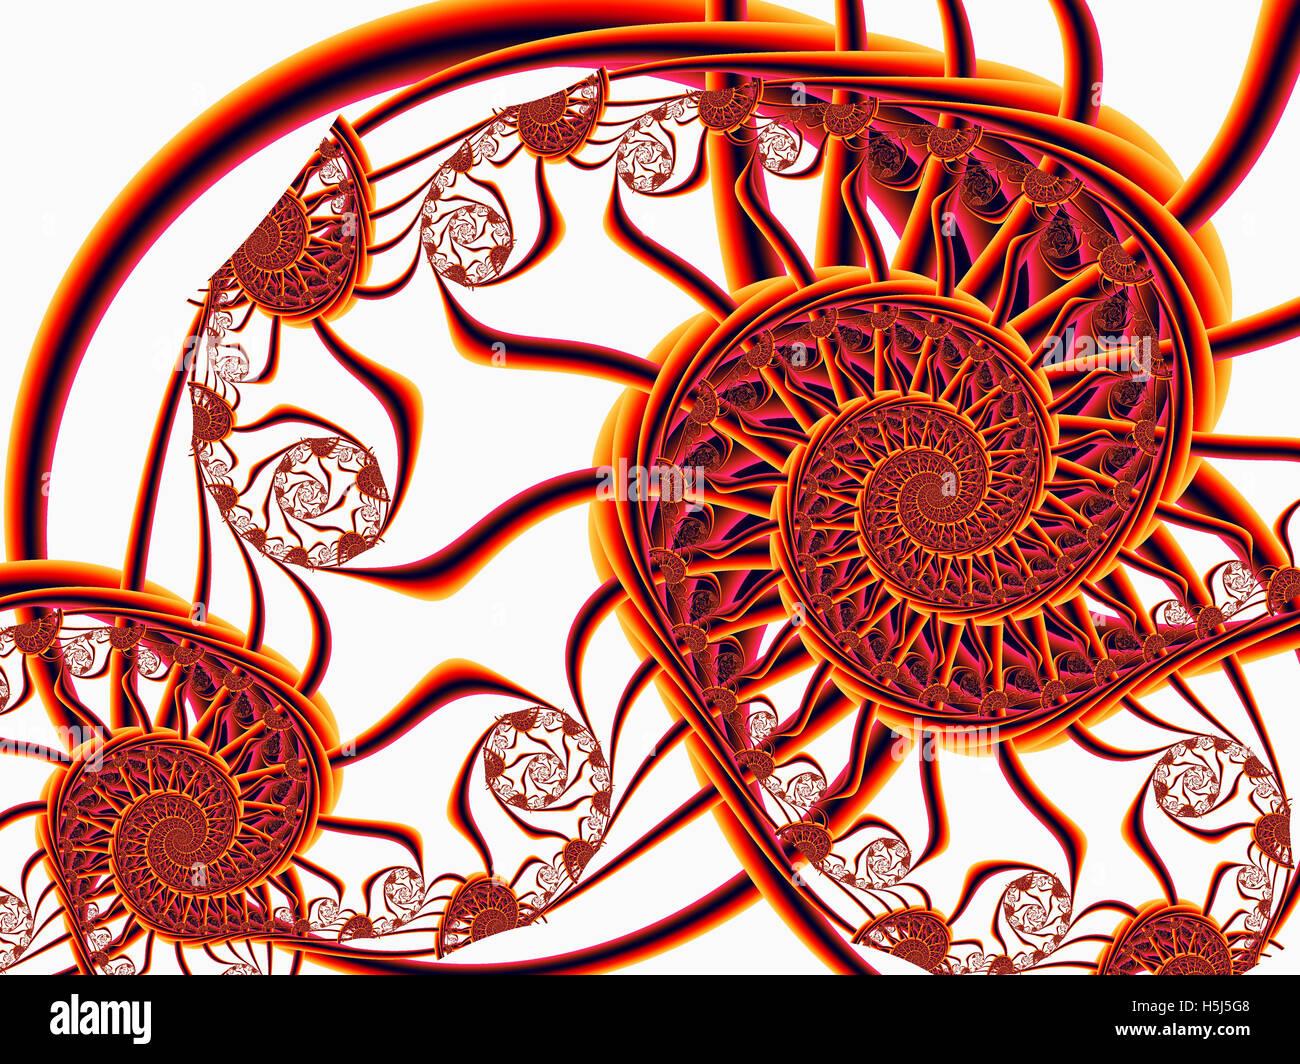 Spiral Fractal Patterns - Stock Image